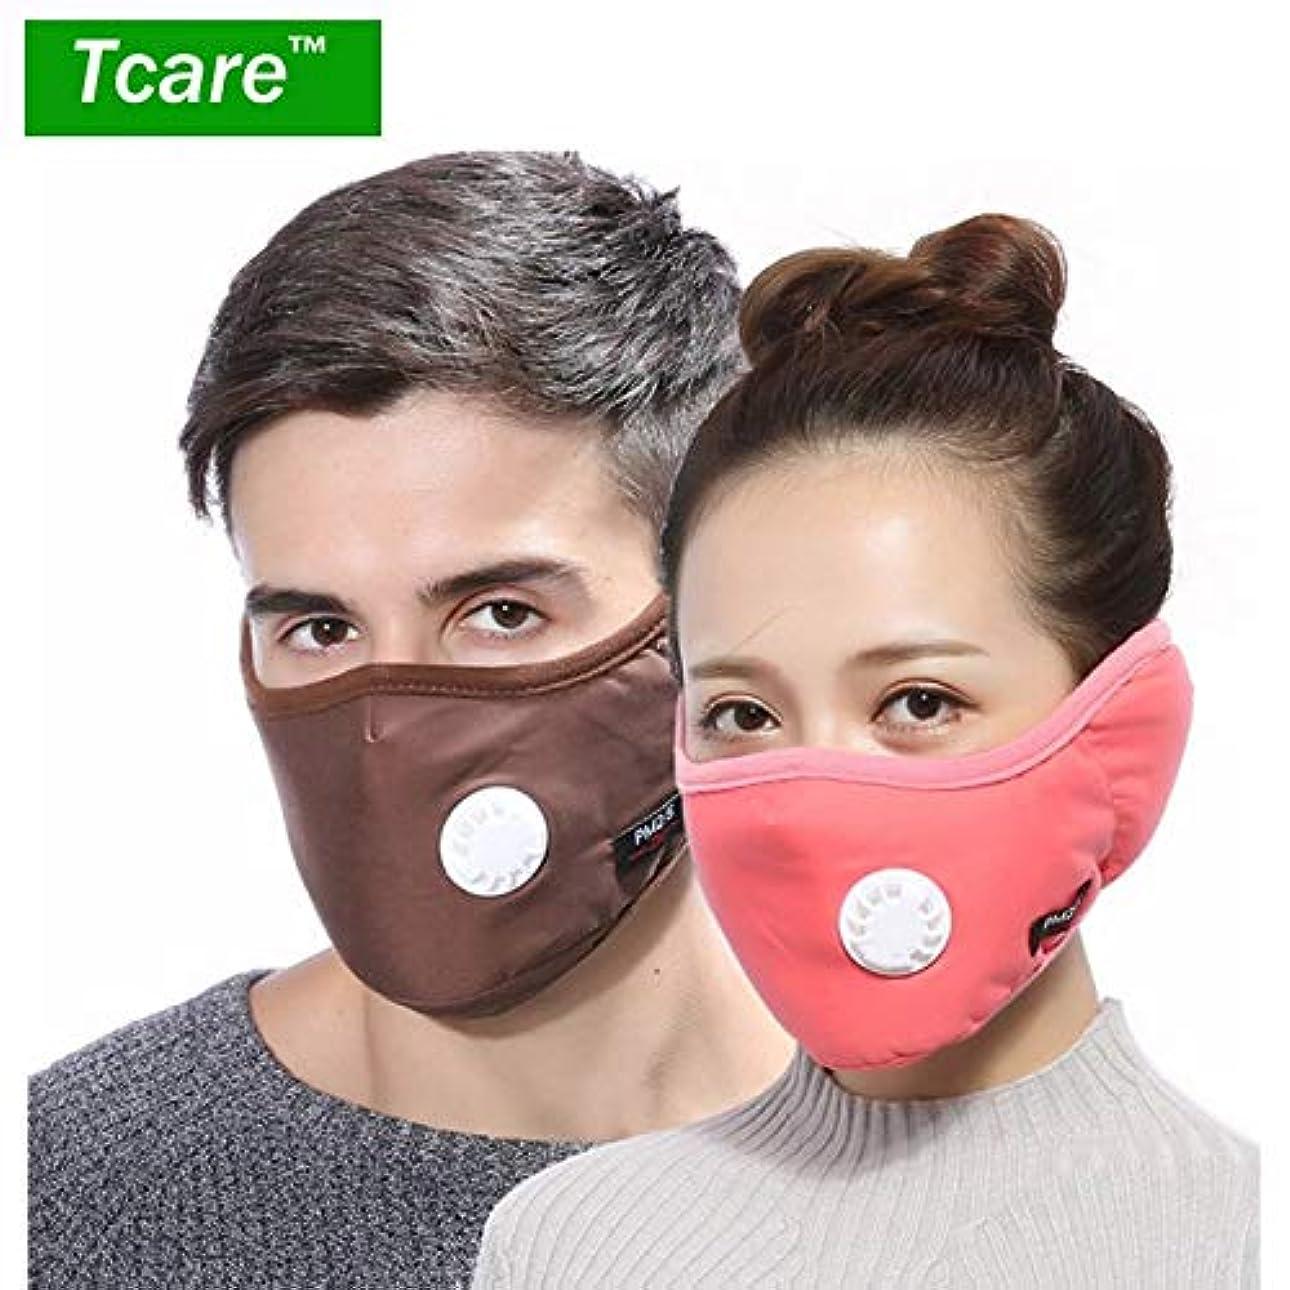 ワードローブ海外宗教的な3ダーク:1 PM2.5マスクバルブコットンアンチダスト口マスクの冬のイヤーマフActtedフィルター付マスクでTcare 2